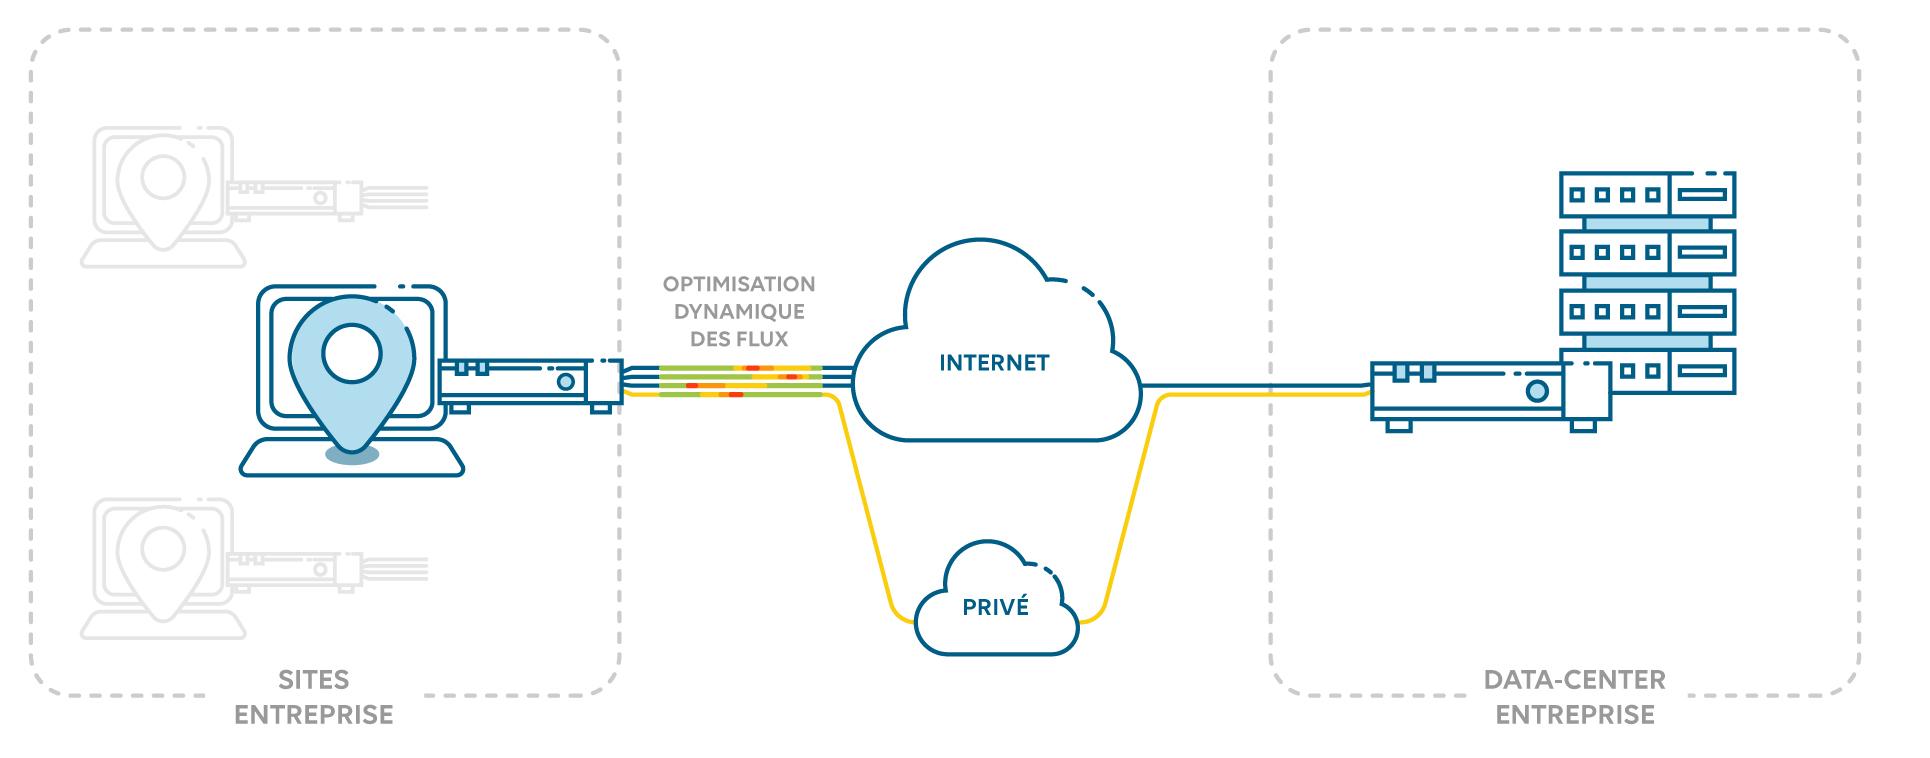 Fonctionnement de la solution SD-WAN as a Service de Wifirst